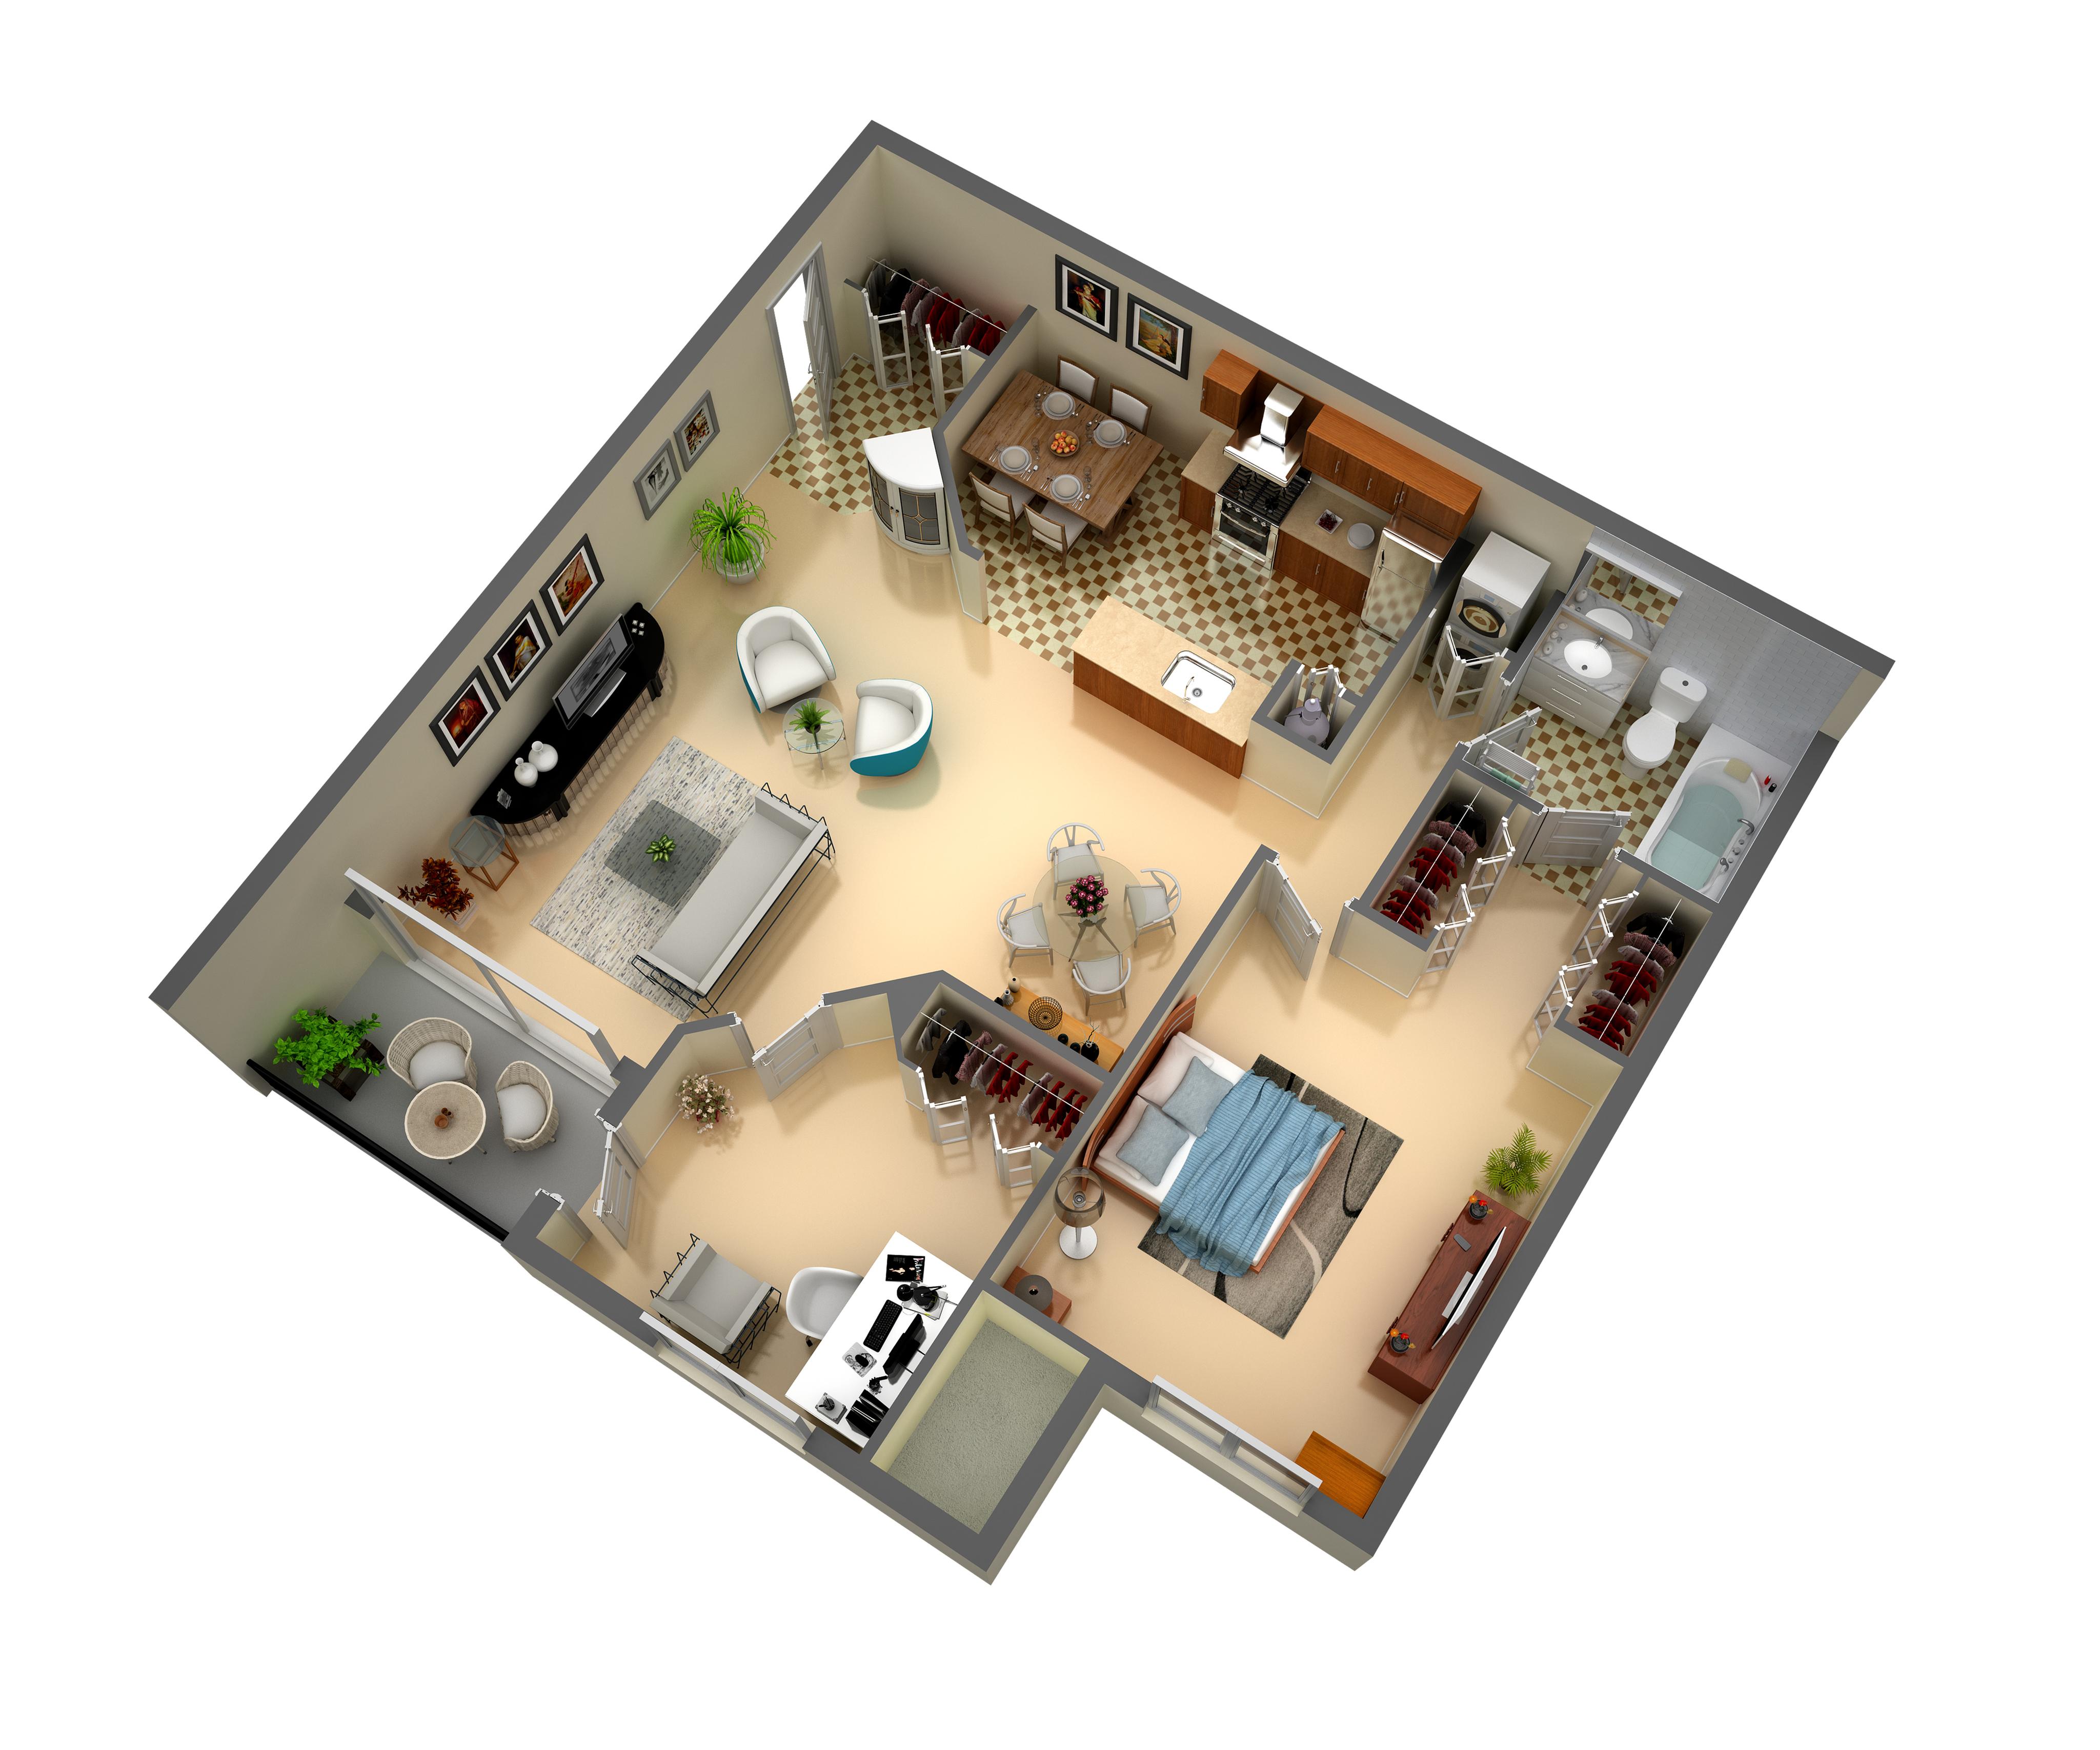 3d floor plan 1 bedroom 1 bathroom